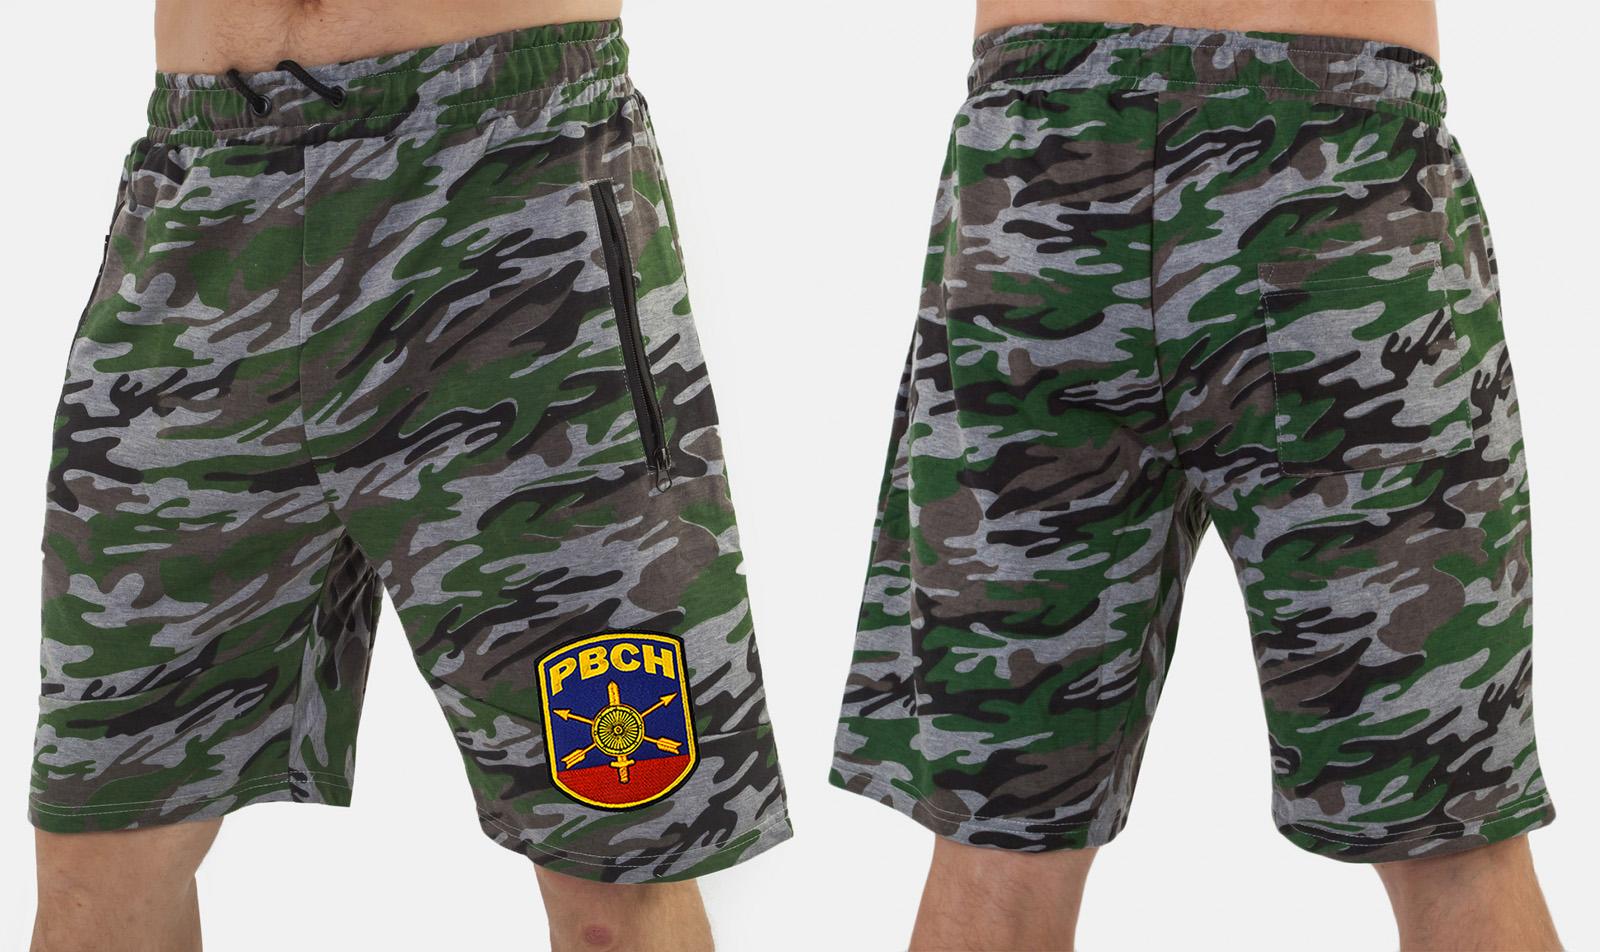 Военные шорты особого кроя с нашивкой РВСН - заказать по низкой цене